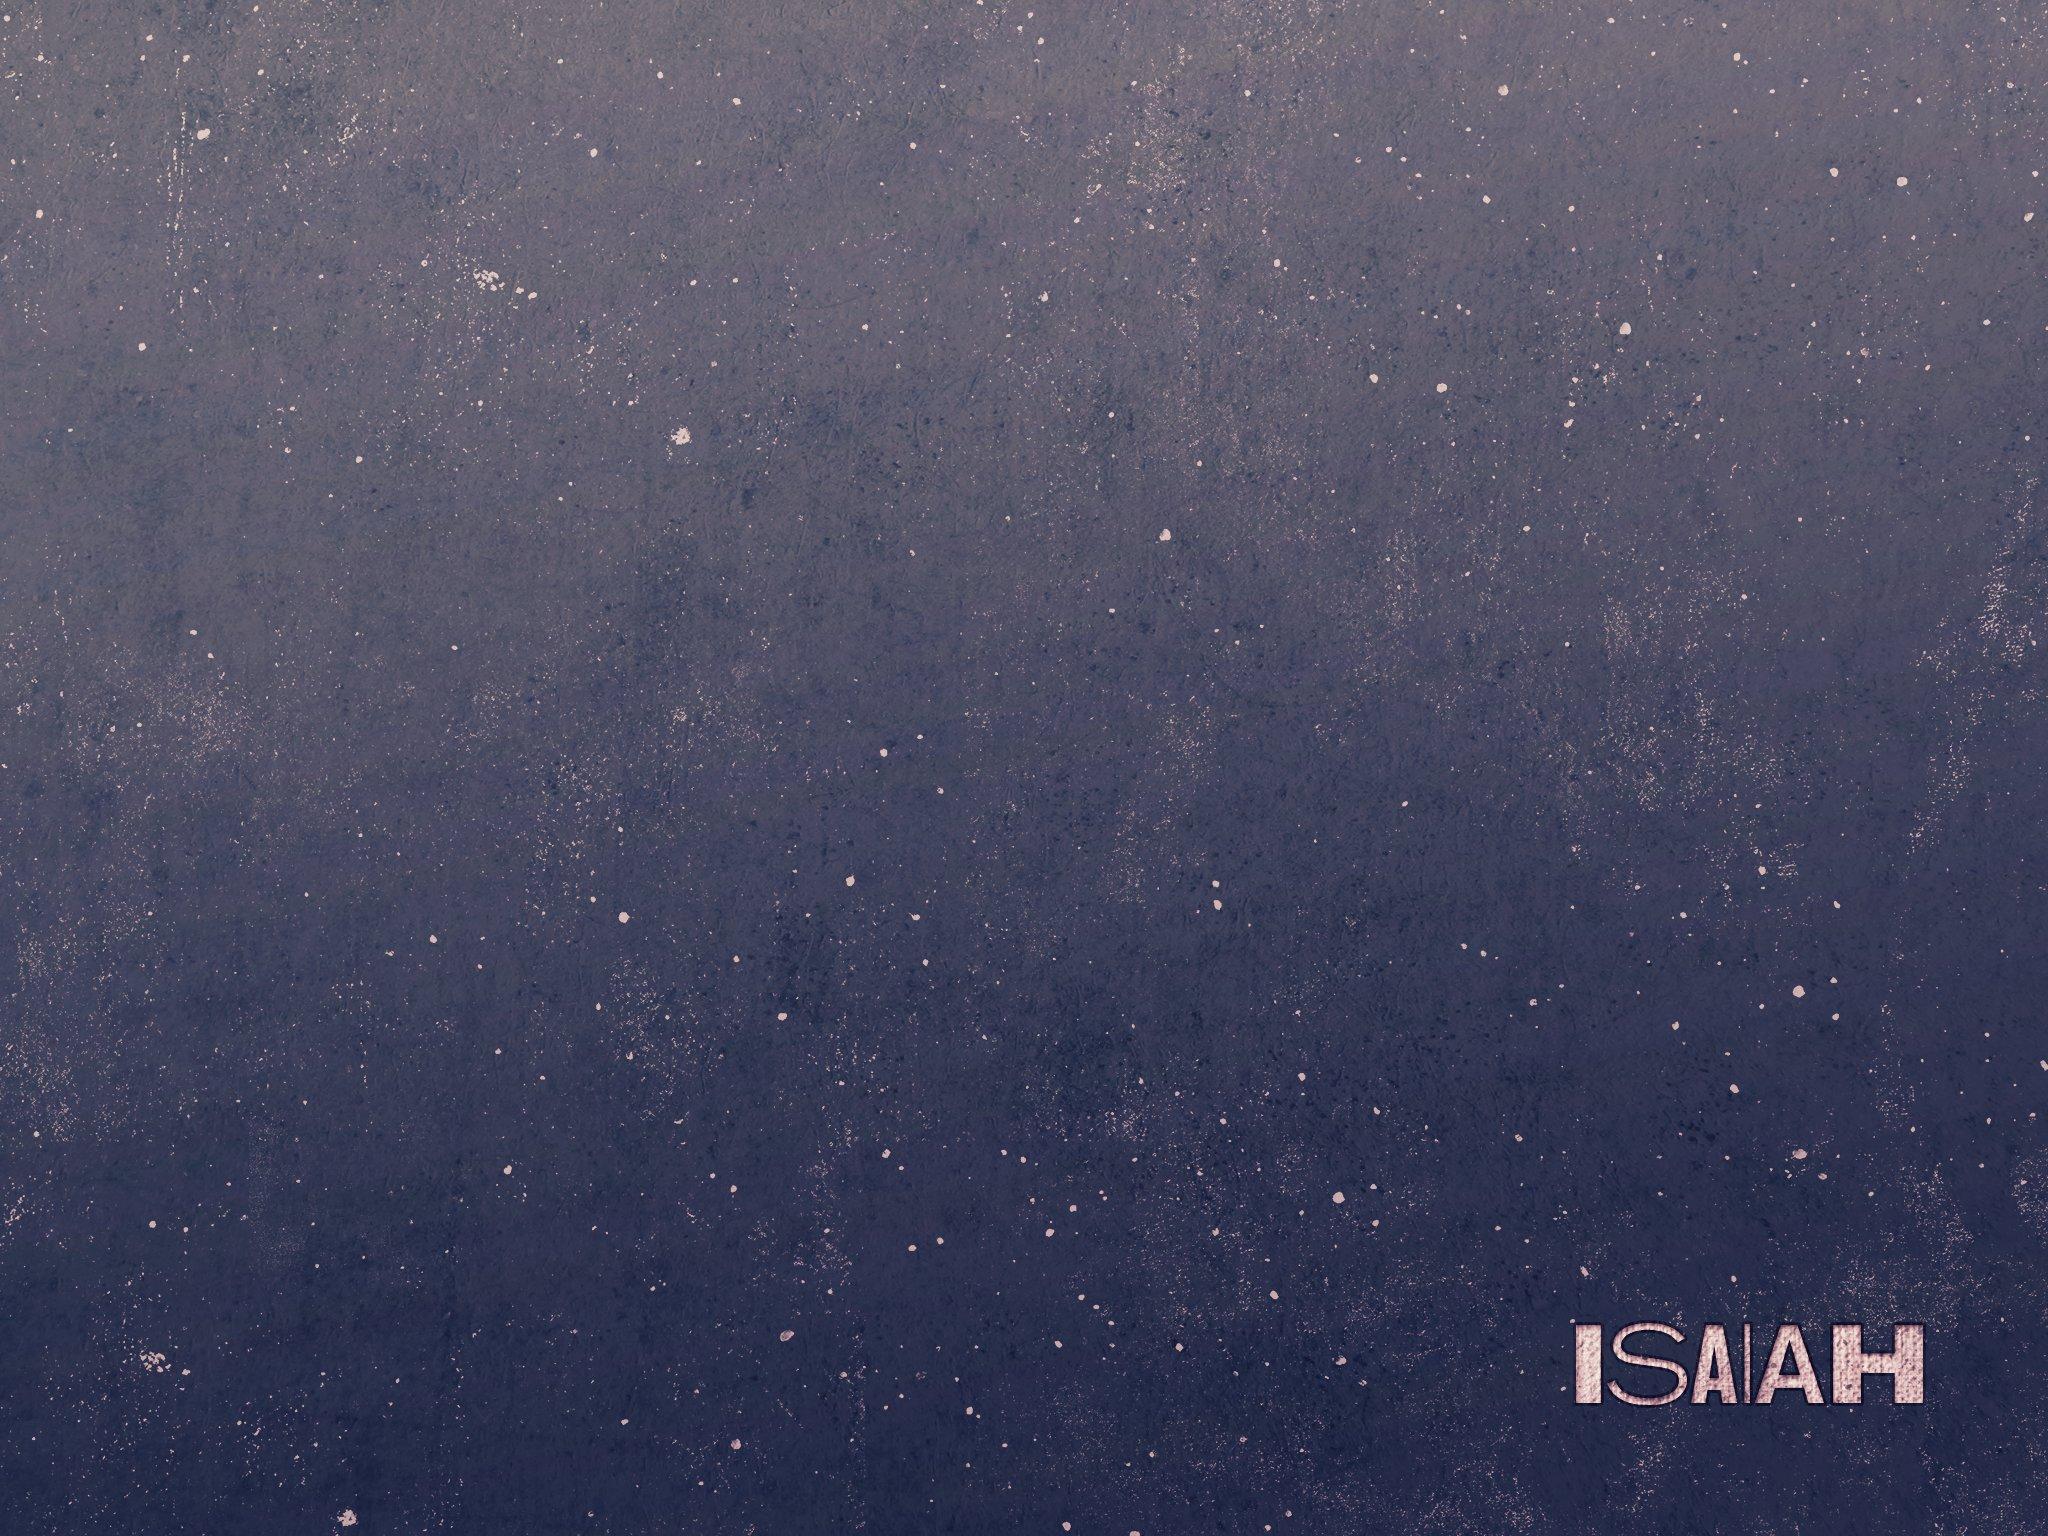 23-Isaiah_Secondary_4x3-fullscreen.jpg